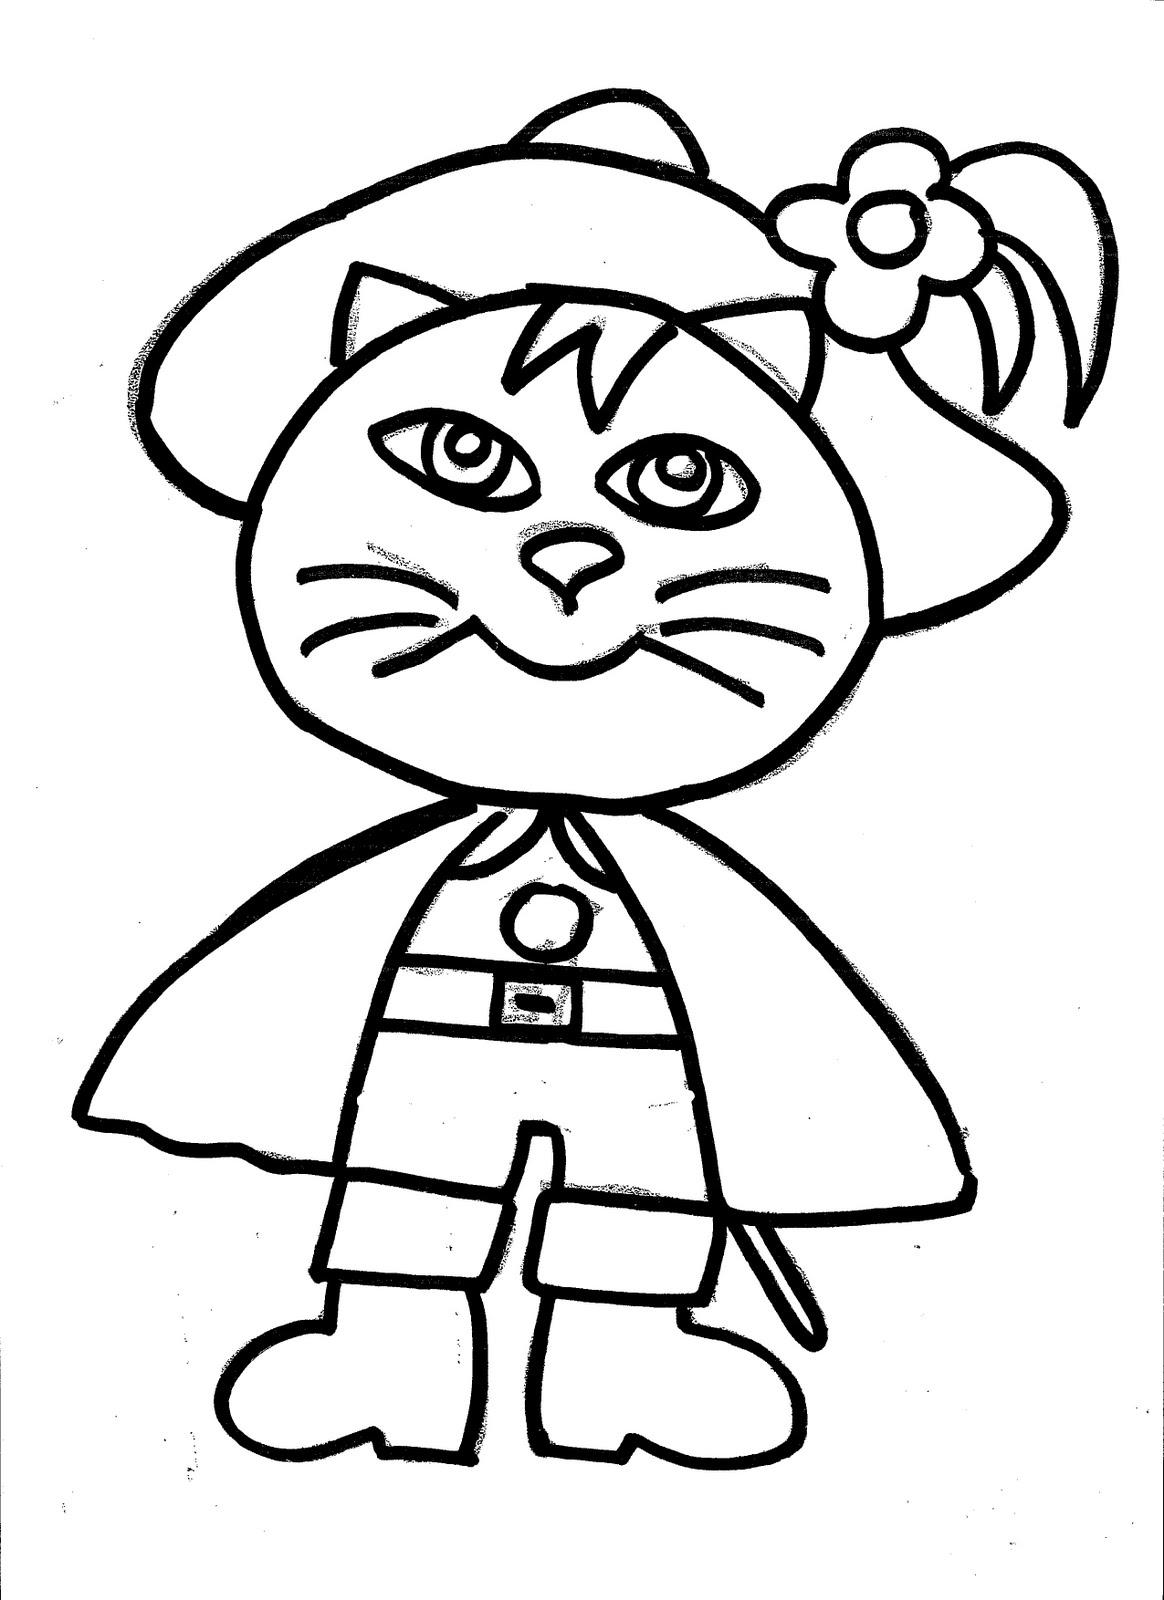 Dibujos Animados Para Colorear El Gato Con Botas Para Colorear